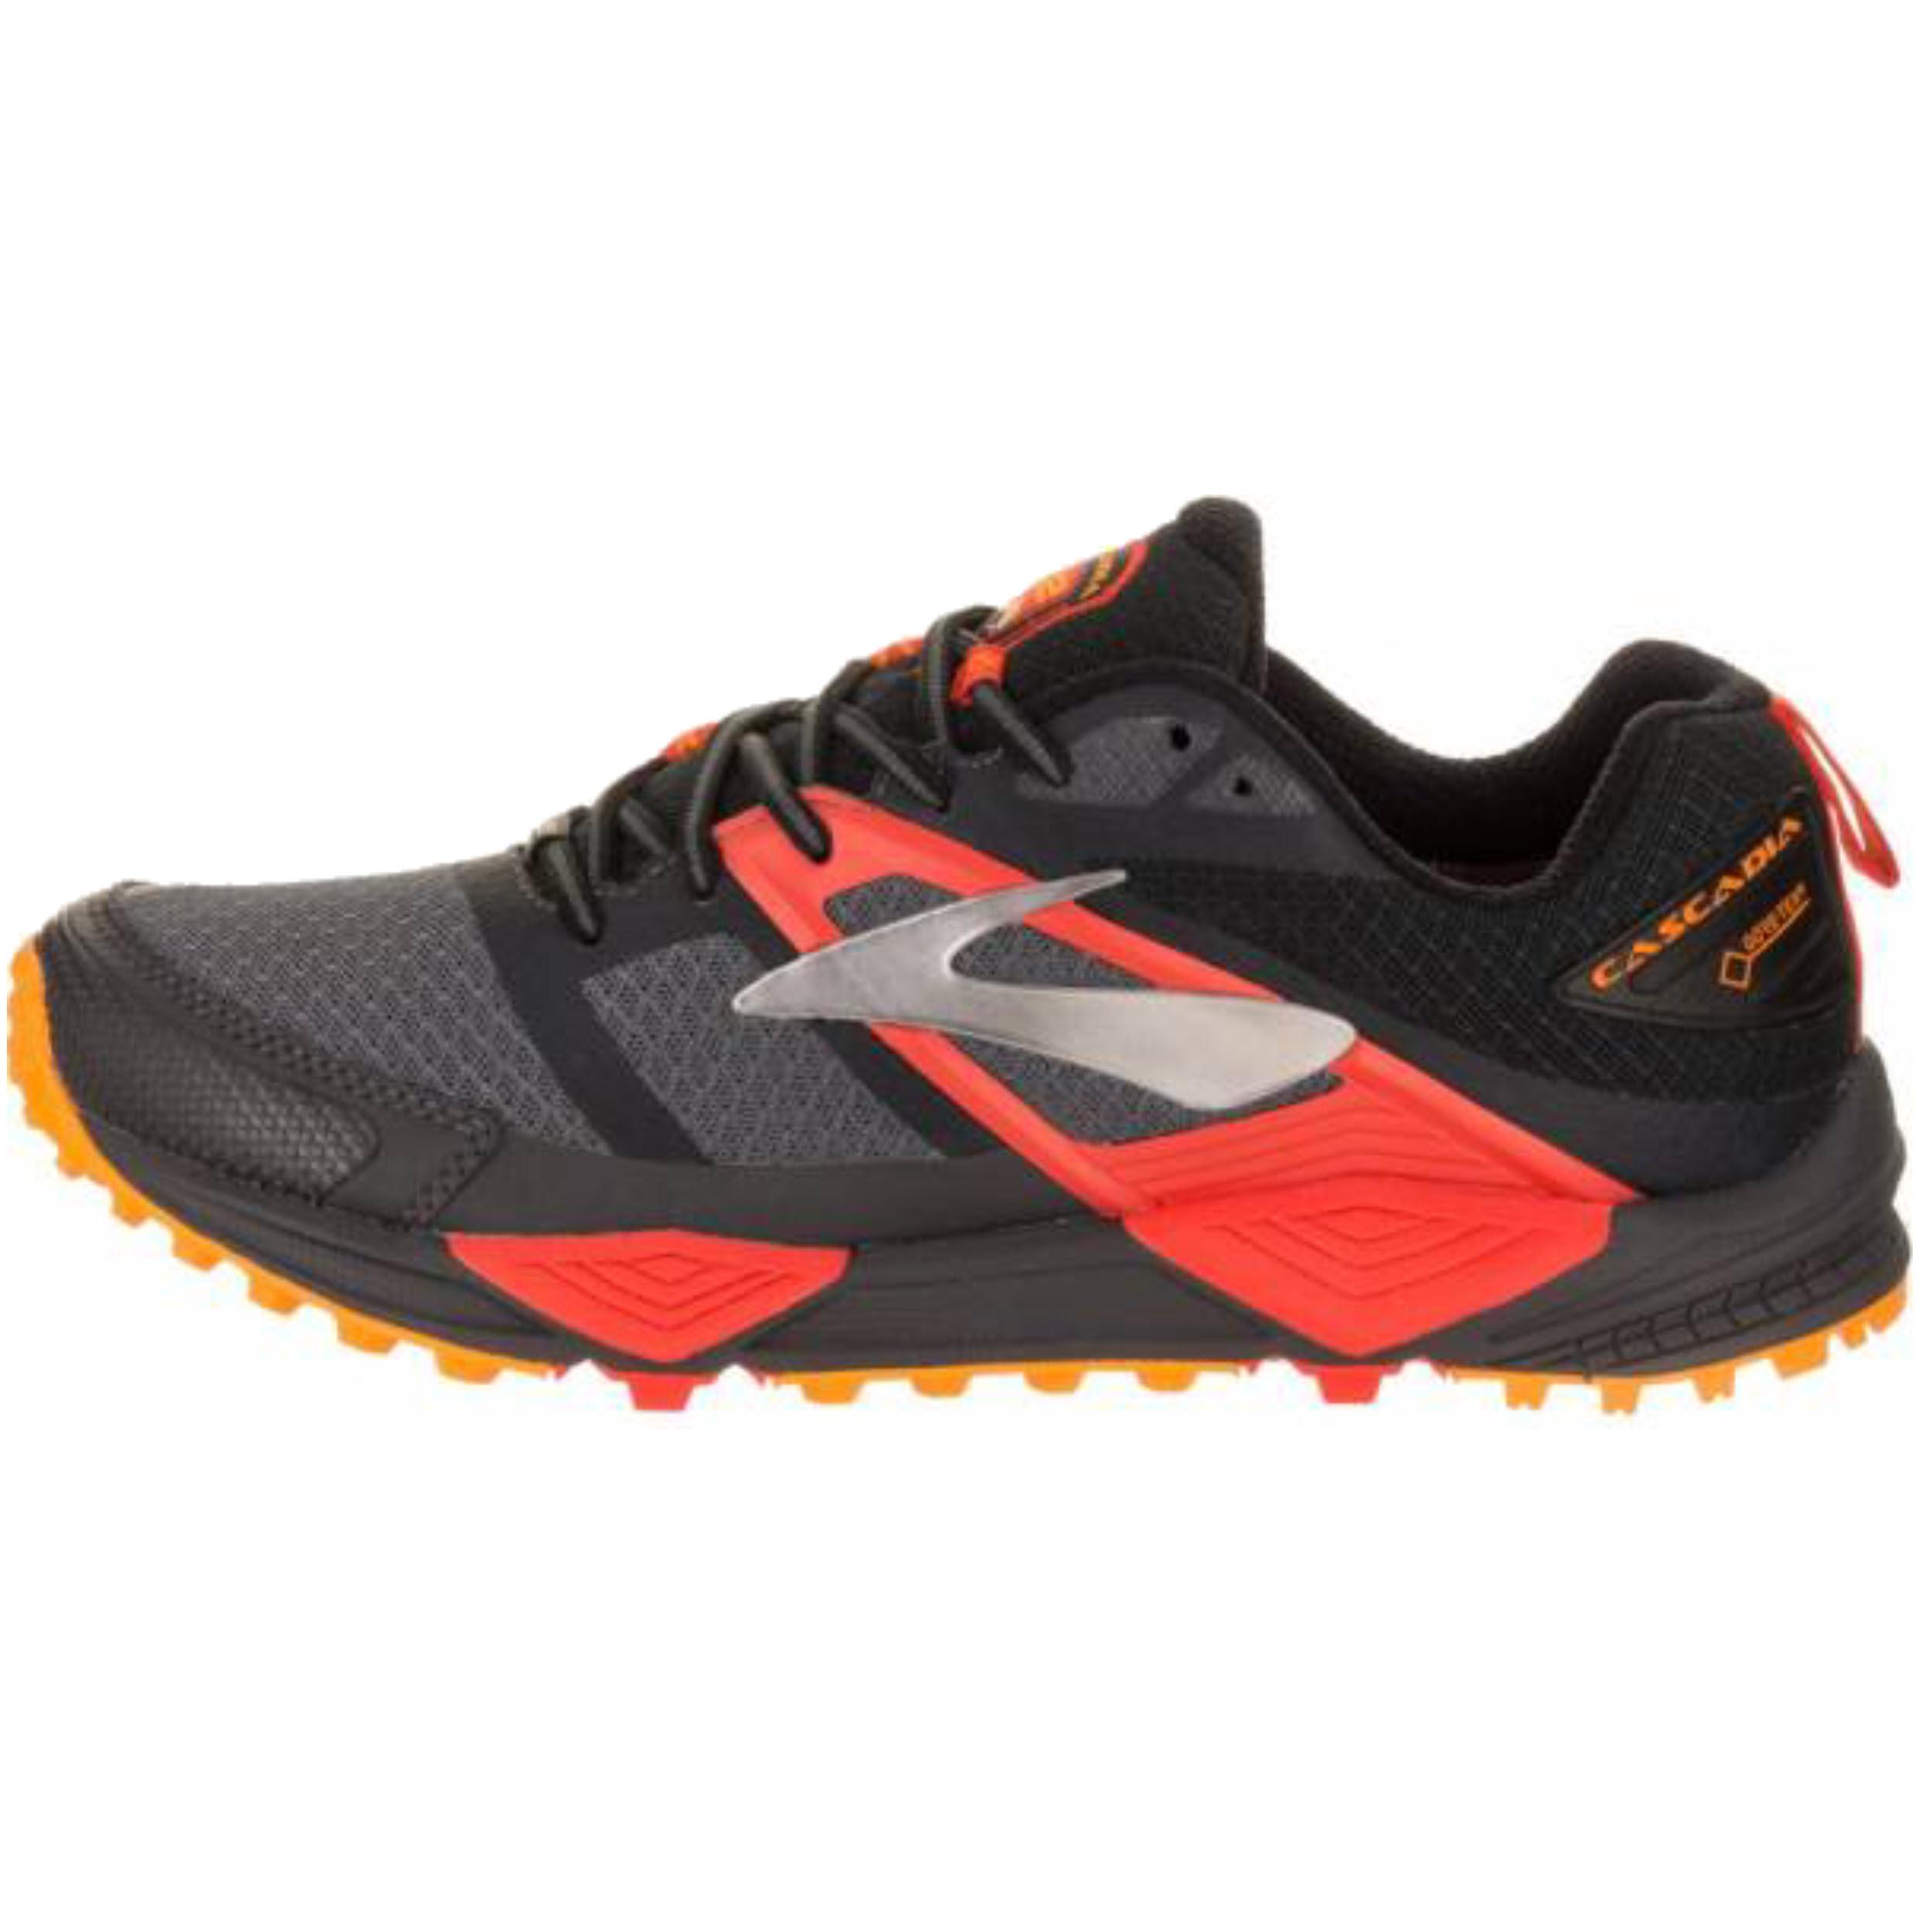 کفش پیاده روی مردانه بروکس مدل cascadia 12GTX